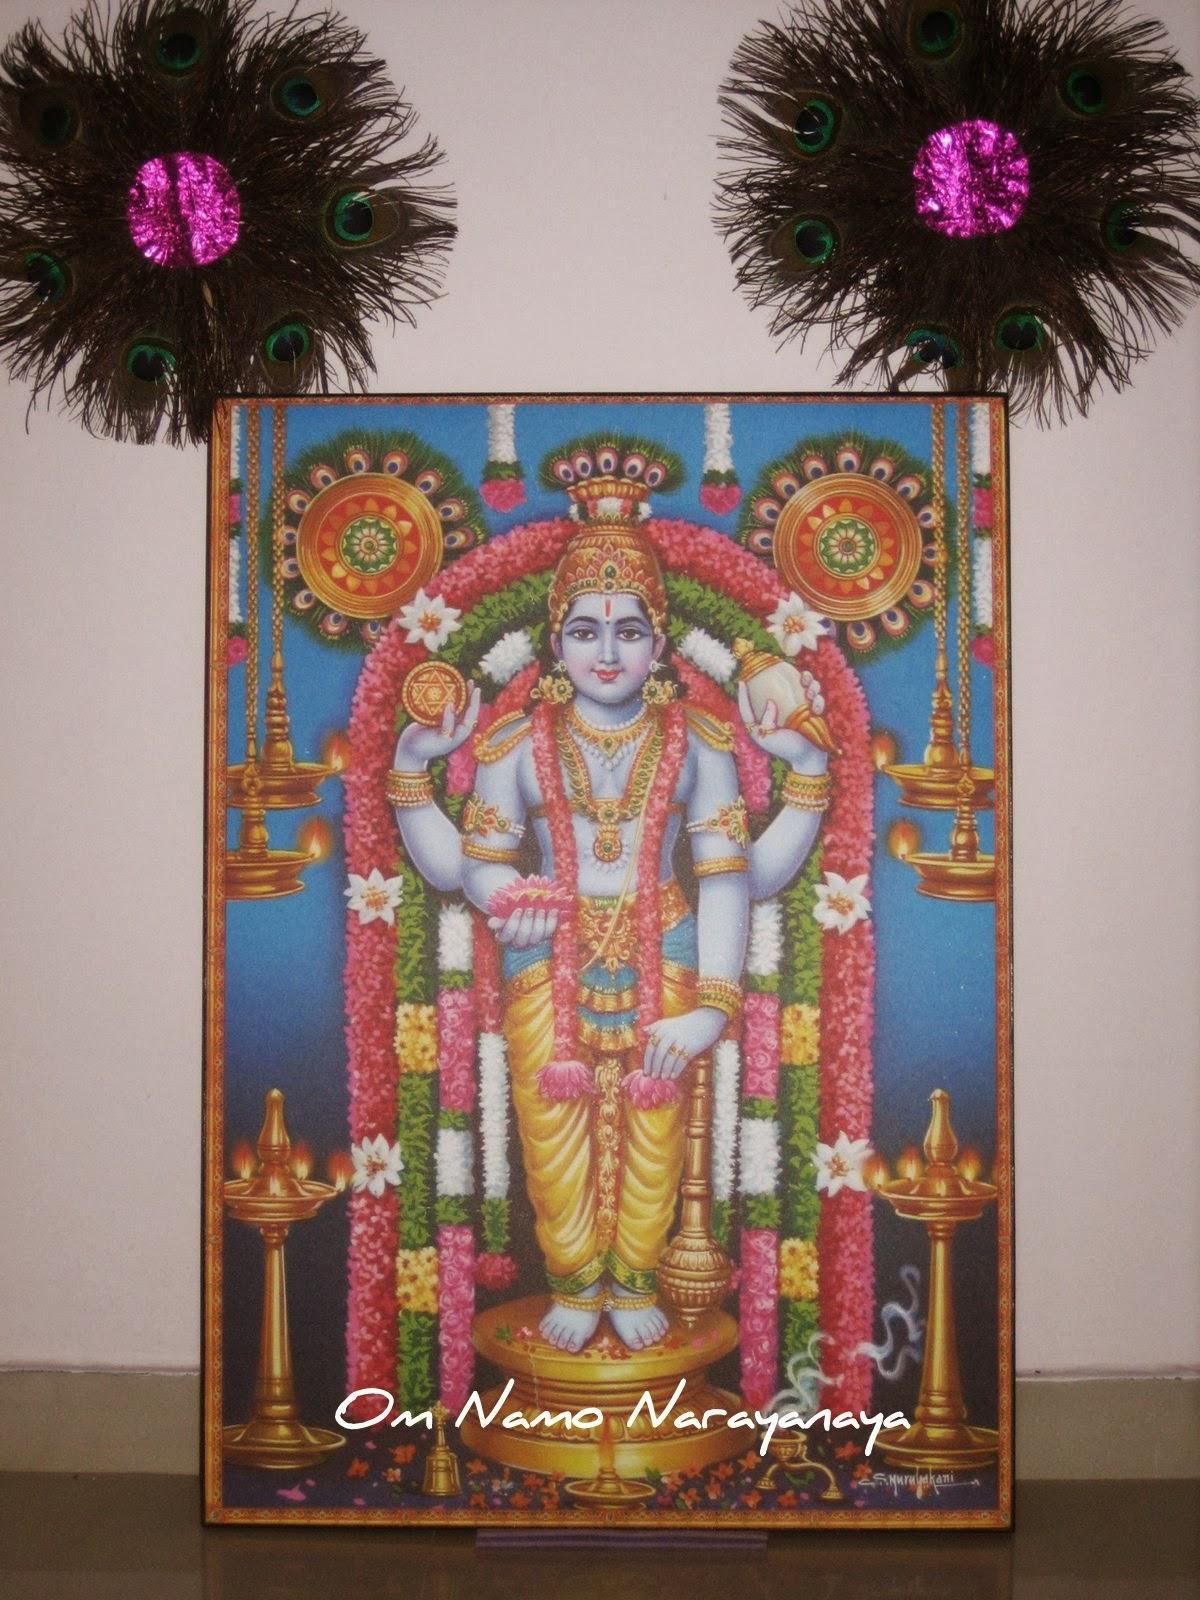 ஸ்ரீ நாராயணீயம் - தசகம் 6, ஸ்ரீ நாராயணீயம் 6வது தசகம், ஸ்ரீமந் நாராயணீயம், ஸ்ரீ நாராயணீயம், Sree Narayaneeyam, Sriman narayaneeyam,Srimad Narayaneeyam